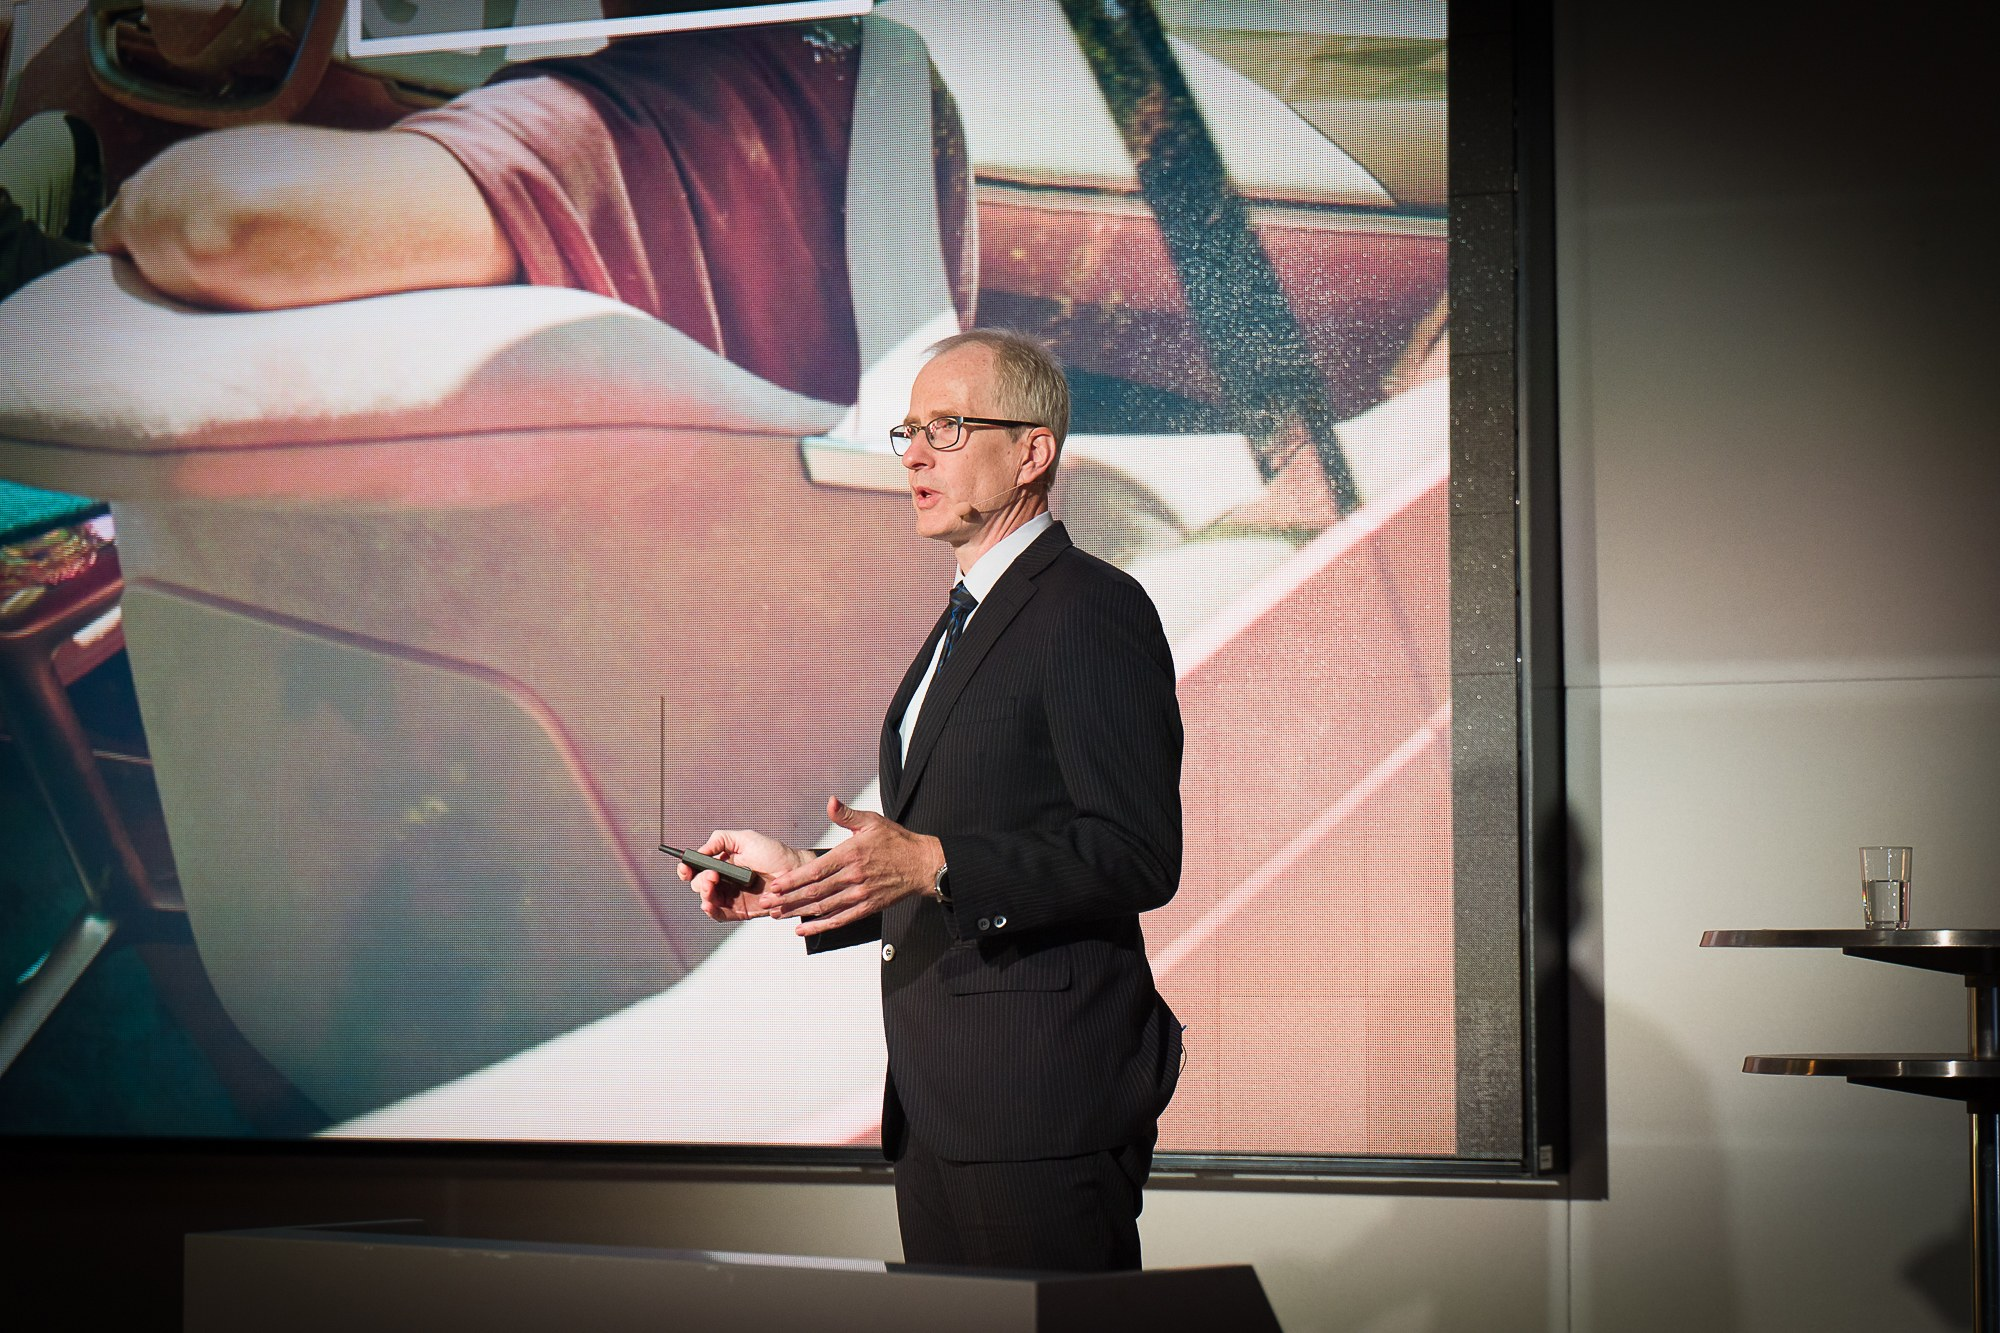 BMWがレベル4相当の自動運転の試乗会を開催 今後の導入ビジョンとは?